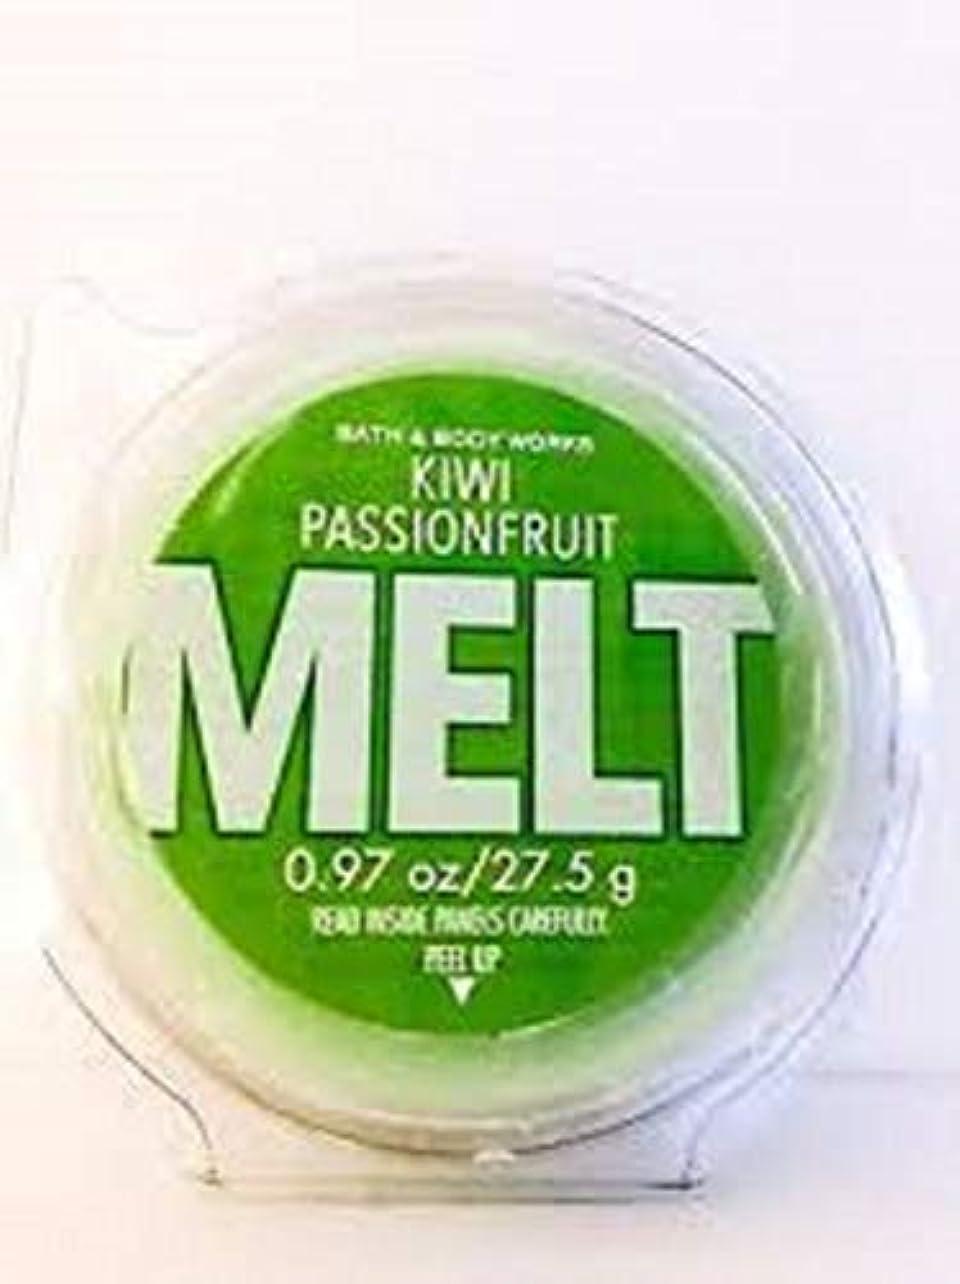 分布ヘッジ郡【Bath&Body Works/バス&ボディワークス】 フレグランスメルト タルト ワックスポプリ キウイパッションフルーツ Wax Fragrance Melt Kiwi Passionfruit 0.97oz/27.5g